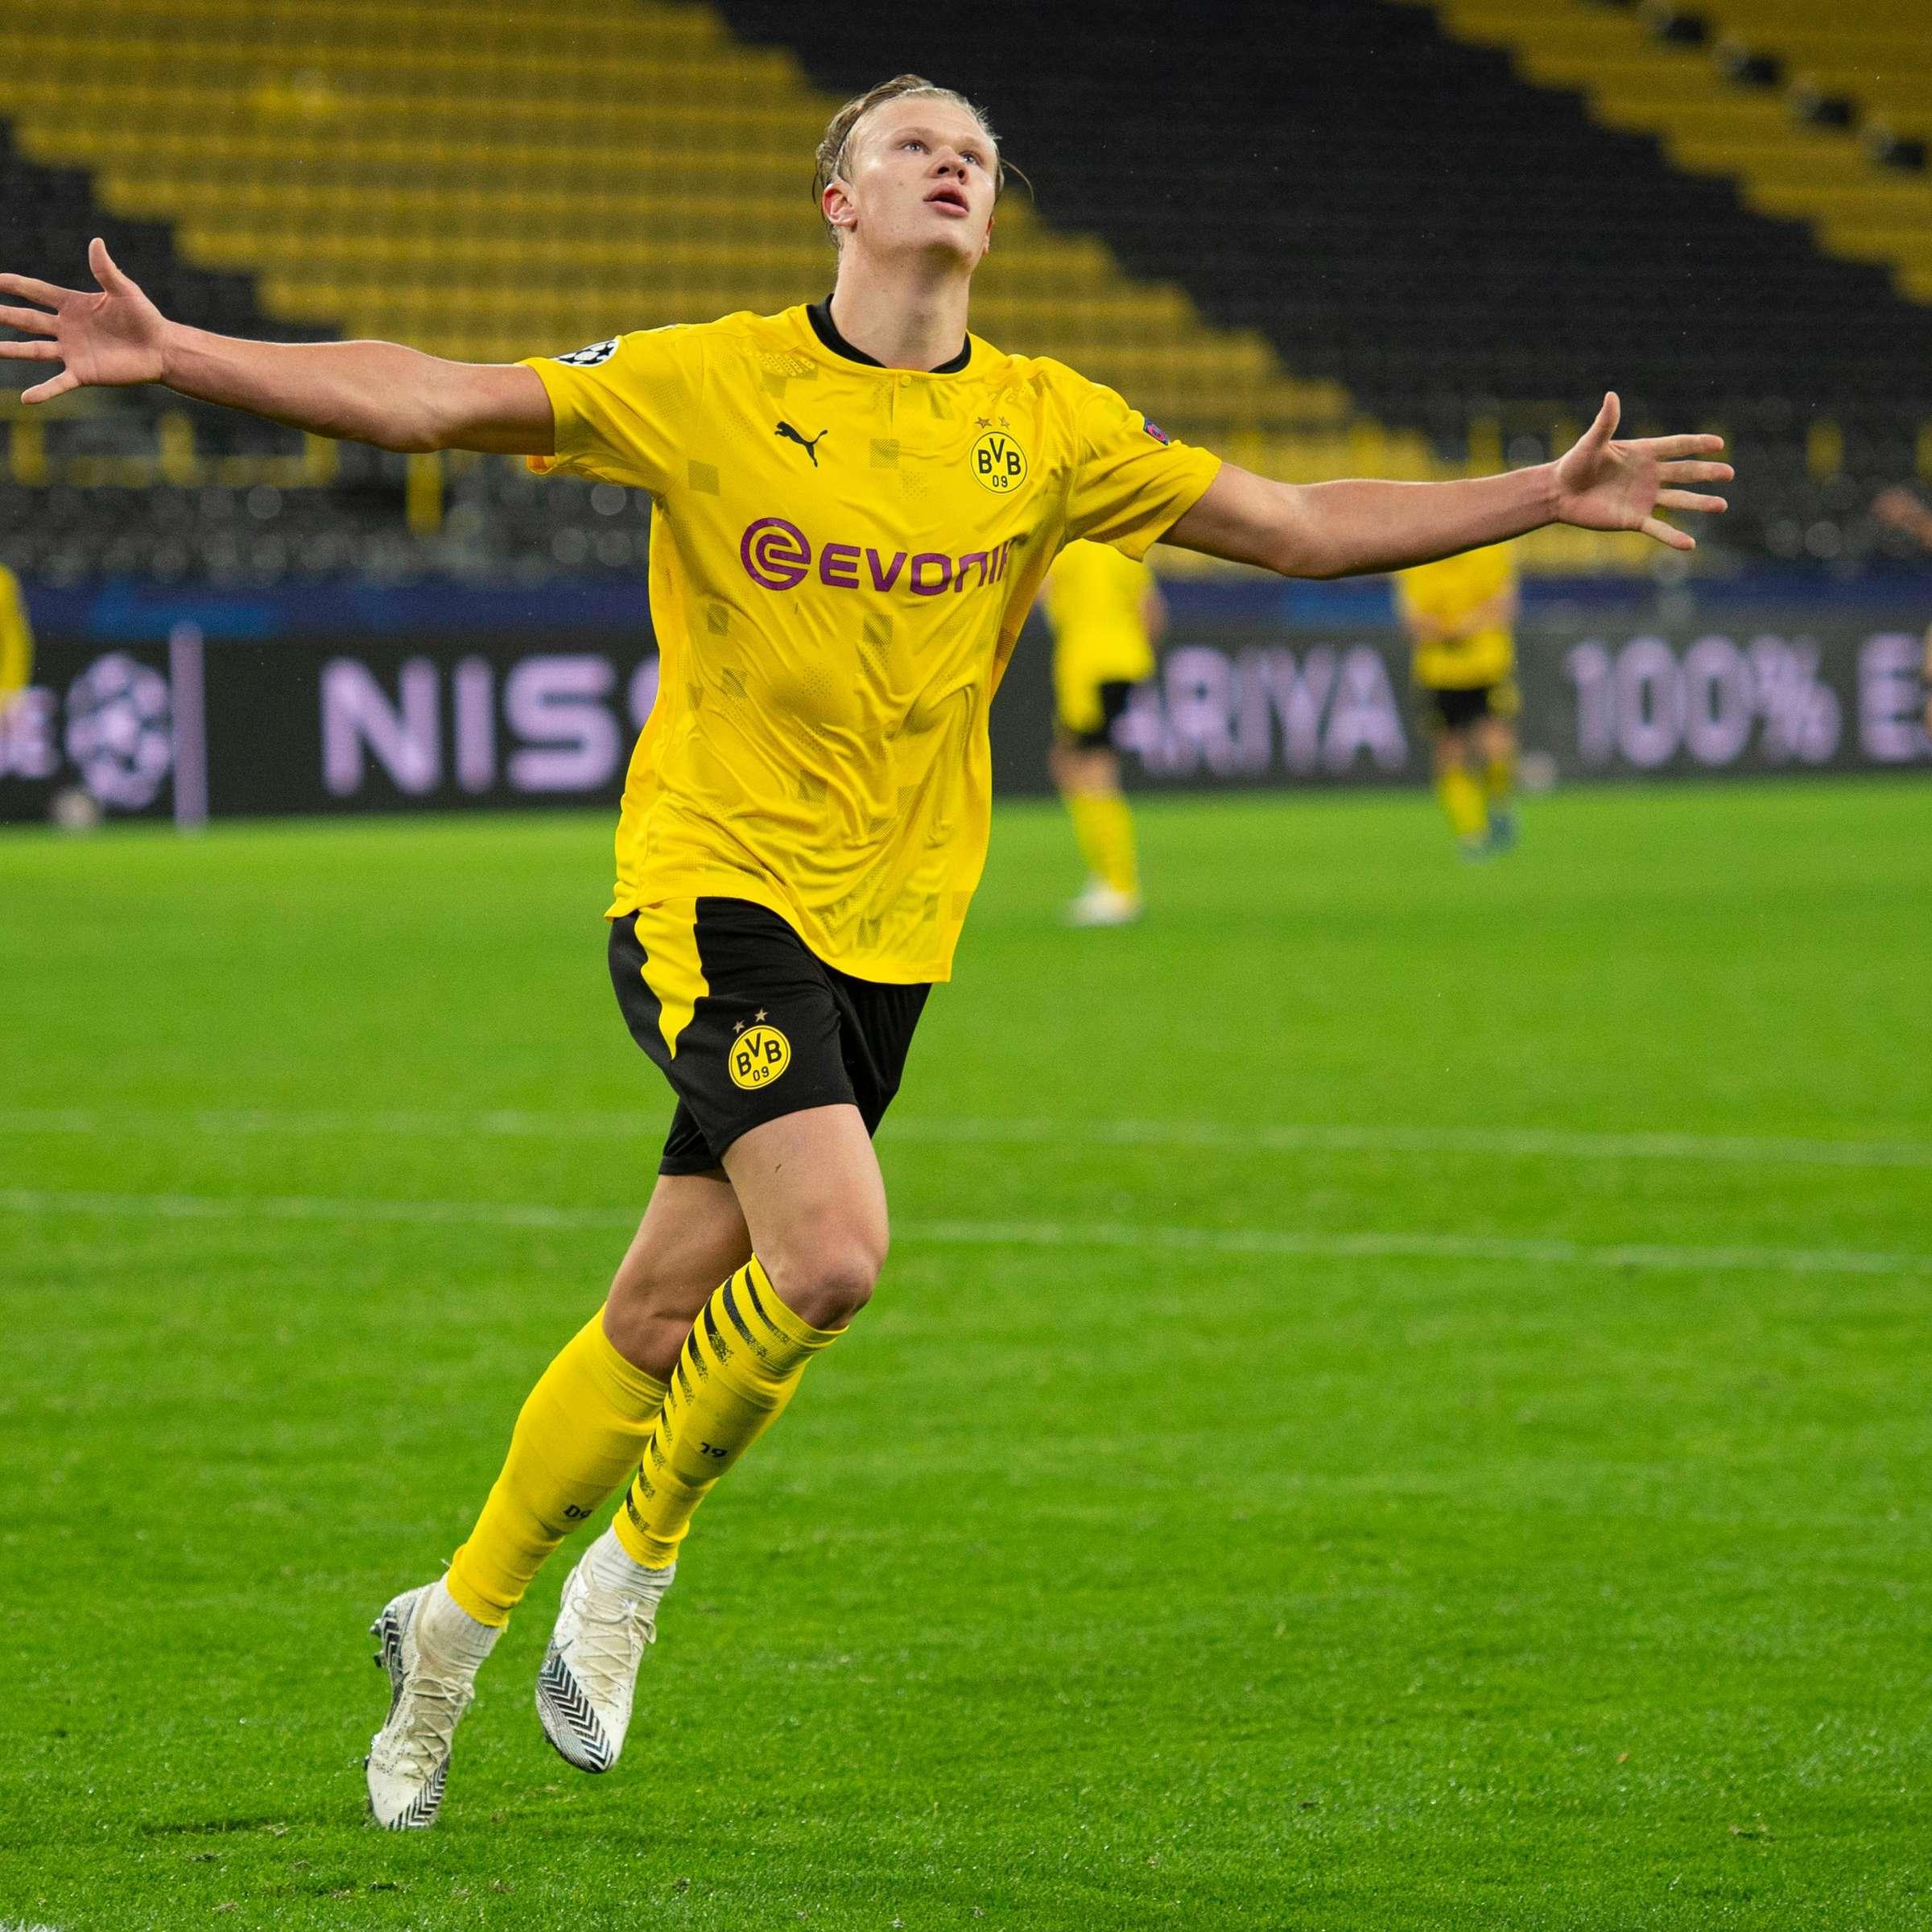 Bvb Hammer Im Champions League Viertelfinale Dortmund Zieht Giganten Bvb